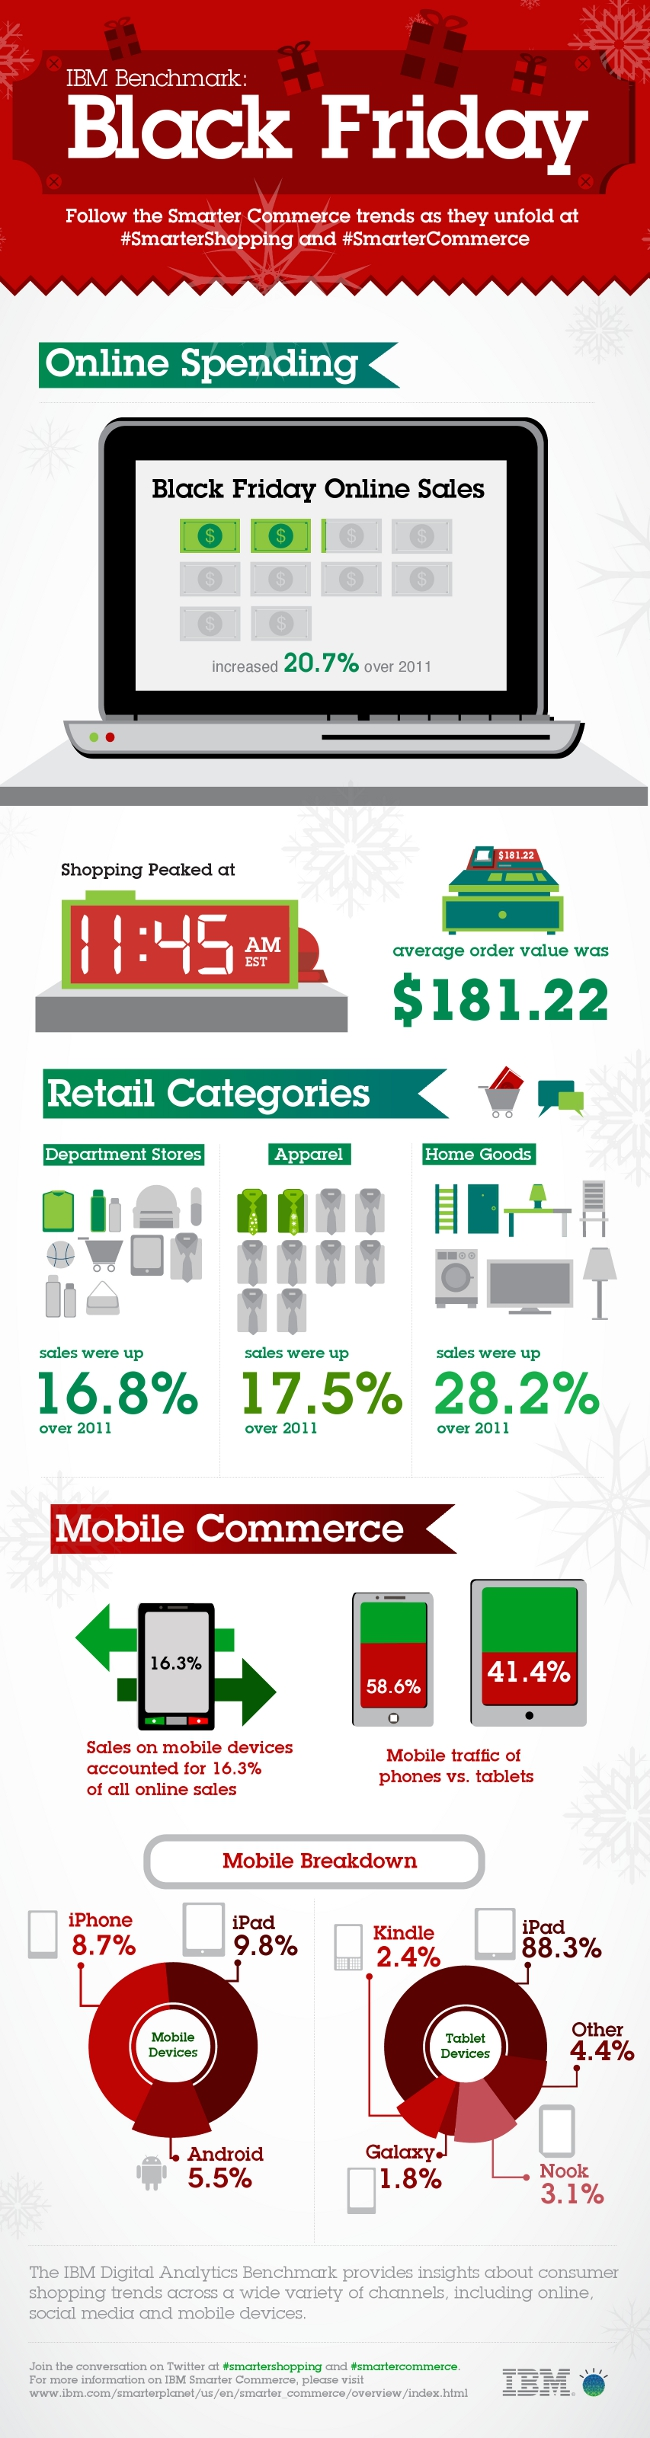 Black Friday 2012 Recap-Infographic